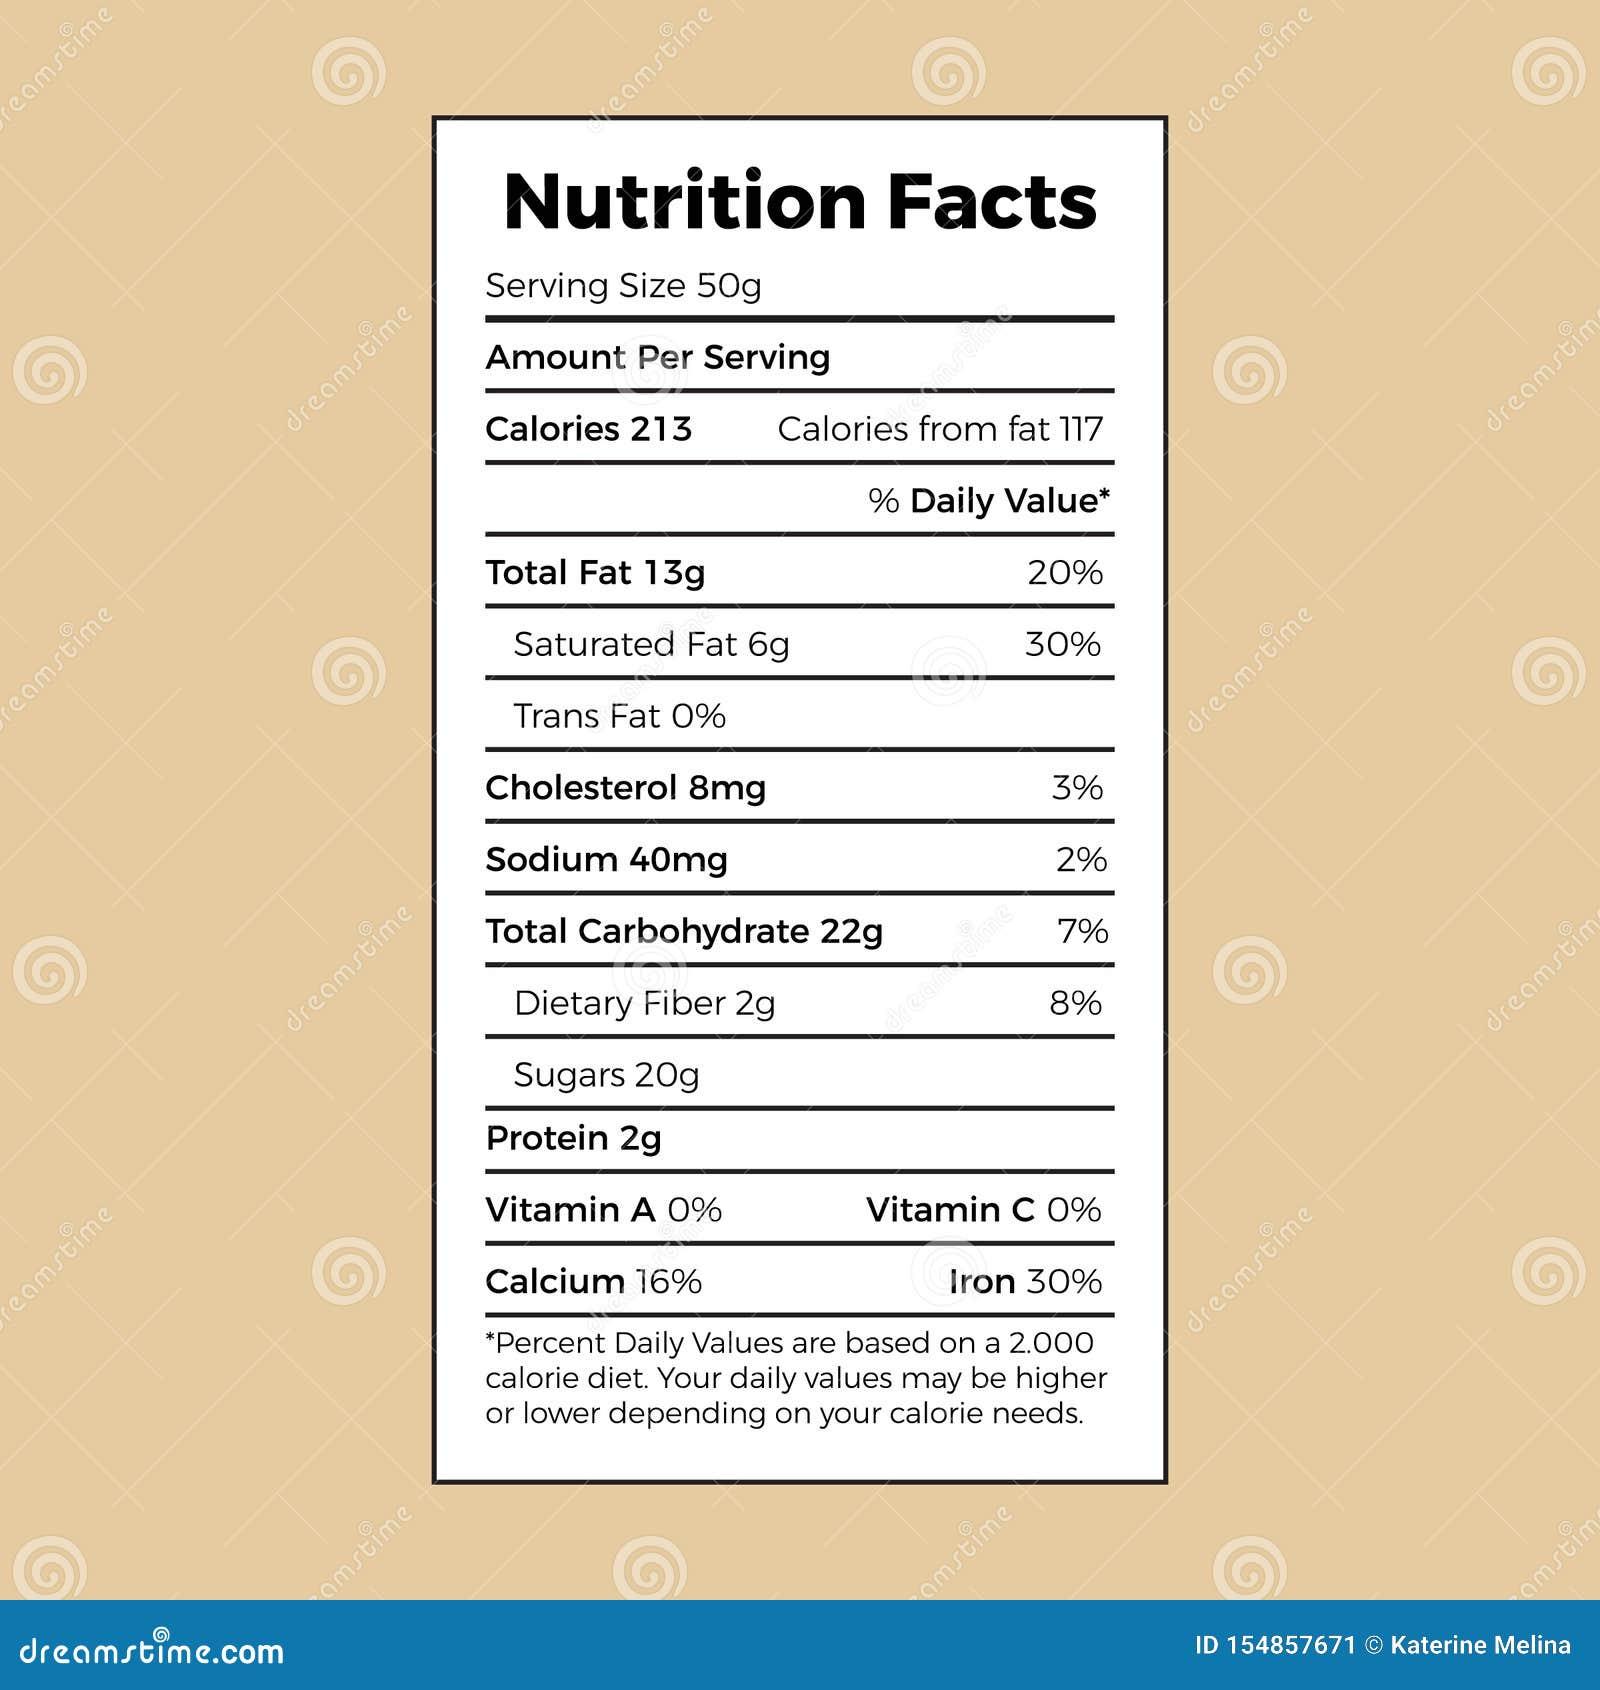 Etiqueta de la informaci?n de los hechos de la nutrici?n para la caja